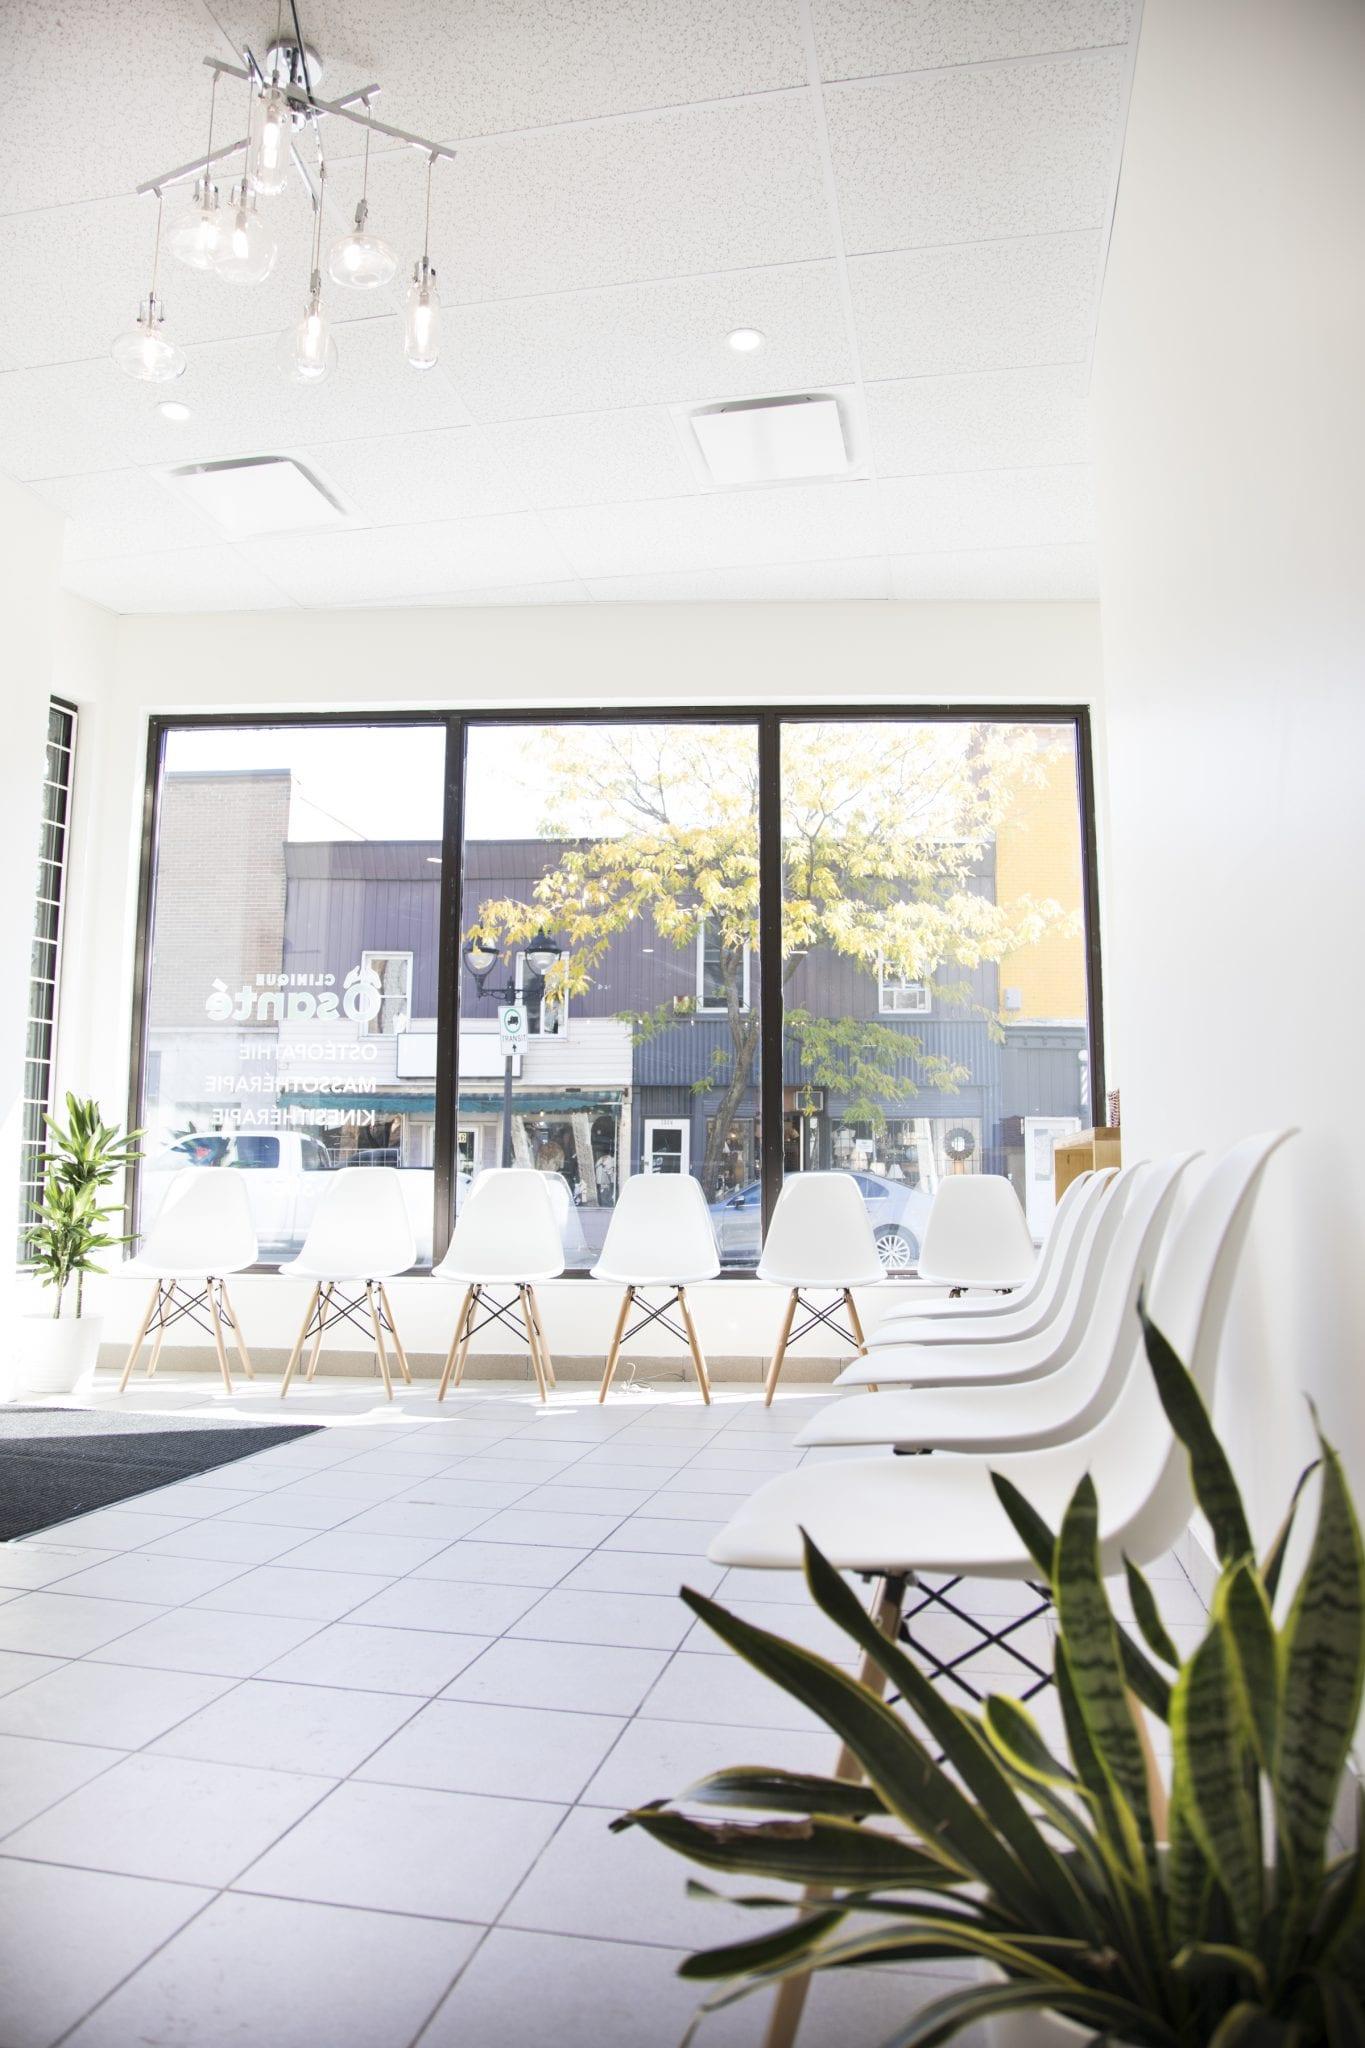 massotherapie grand montréal services santé beauté